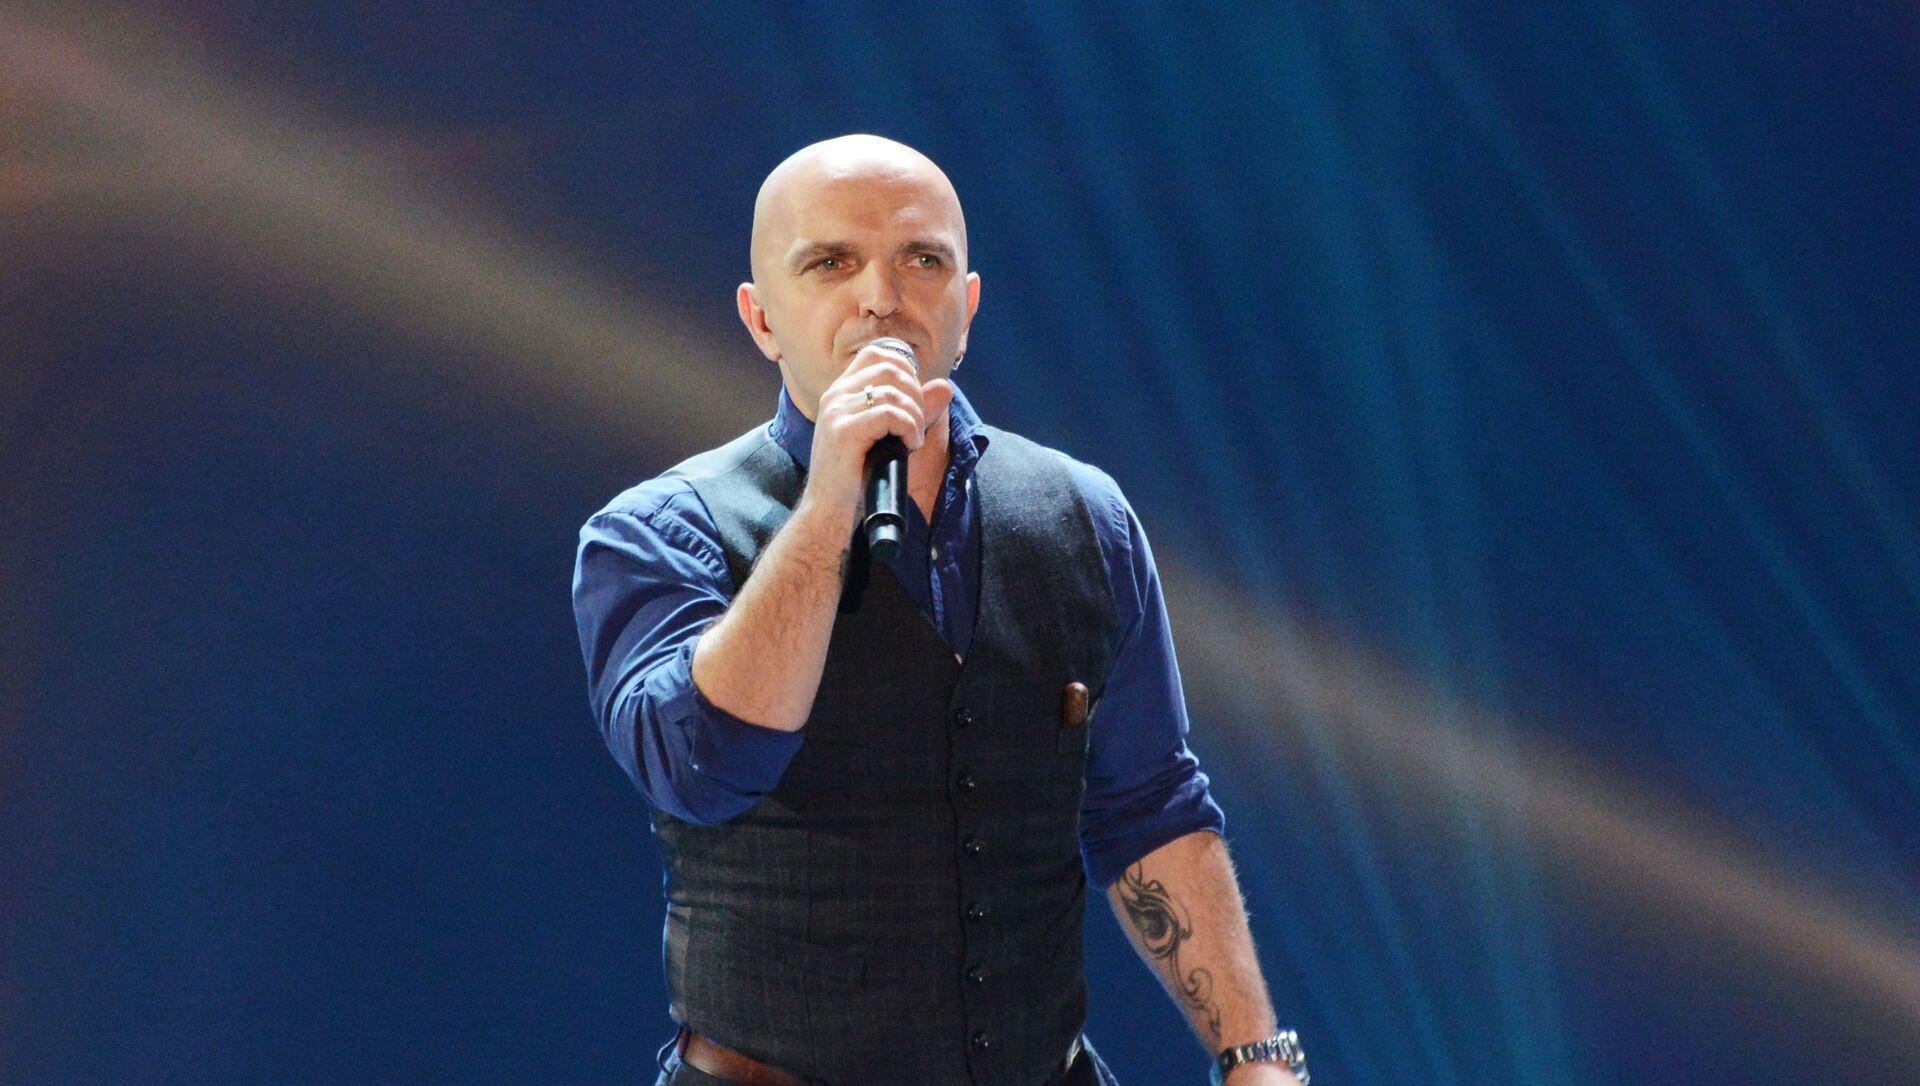 Участник группы Непара (Александр Шоуа) выступают на музыкальном фестивале Песня года 2014 в СК Олимпийский. - Sputnik Абхазия, 1920, 01.09.2021